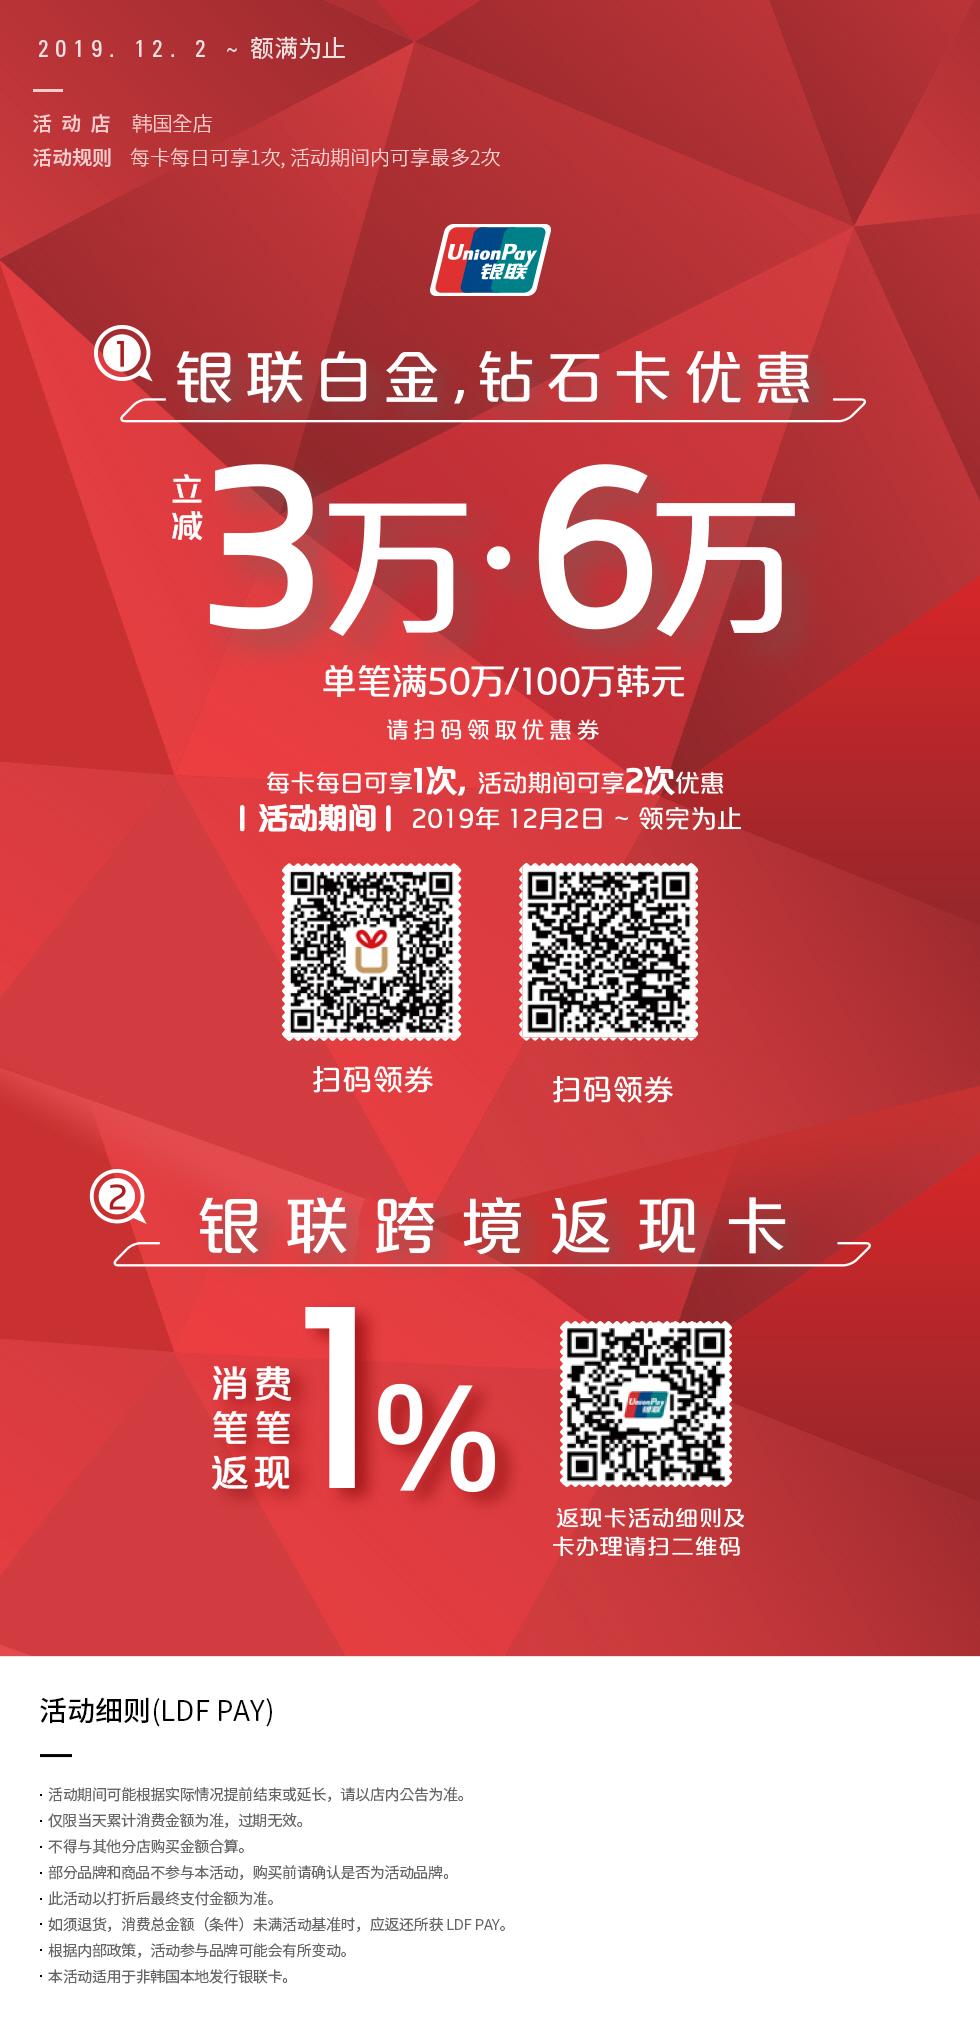 银联卡高端卡优惠 最高立减6万韩元